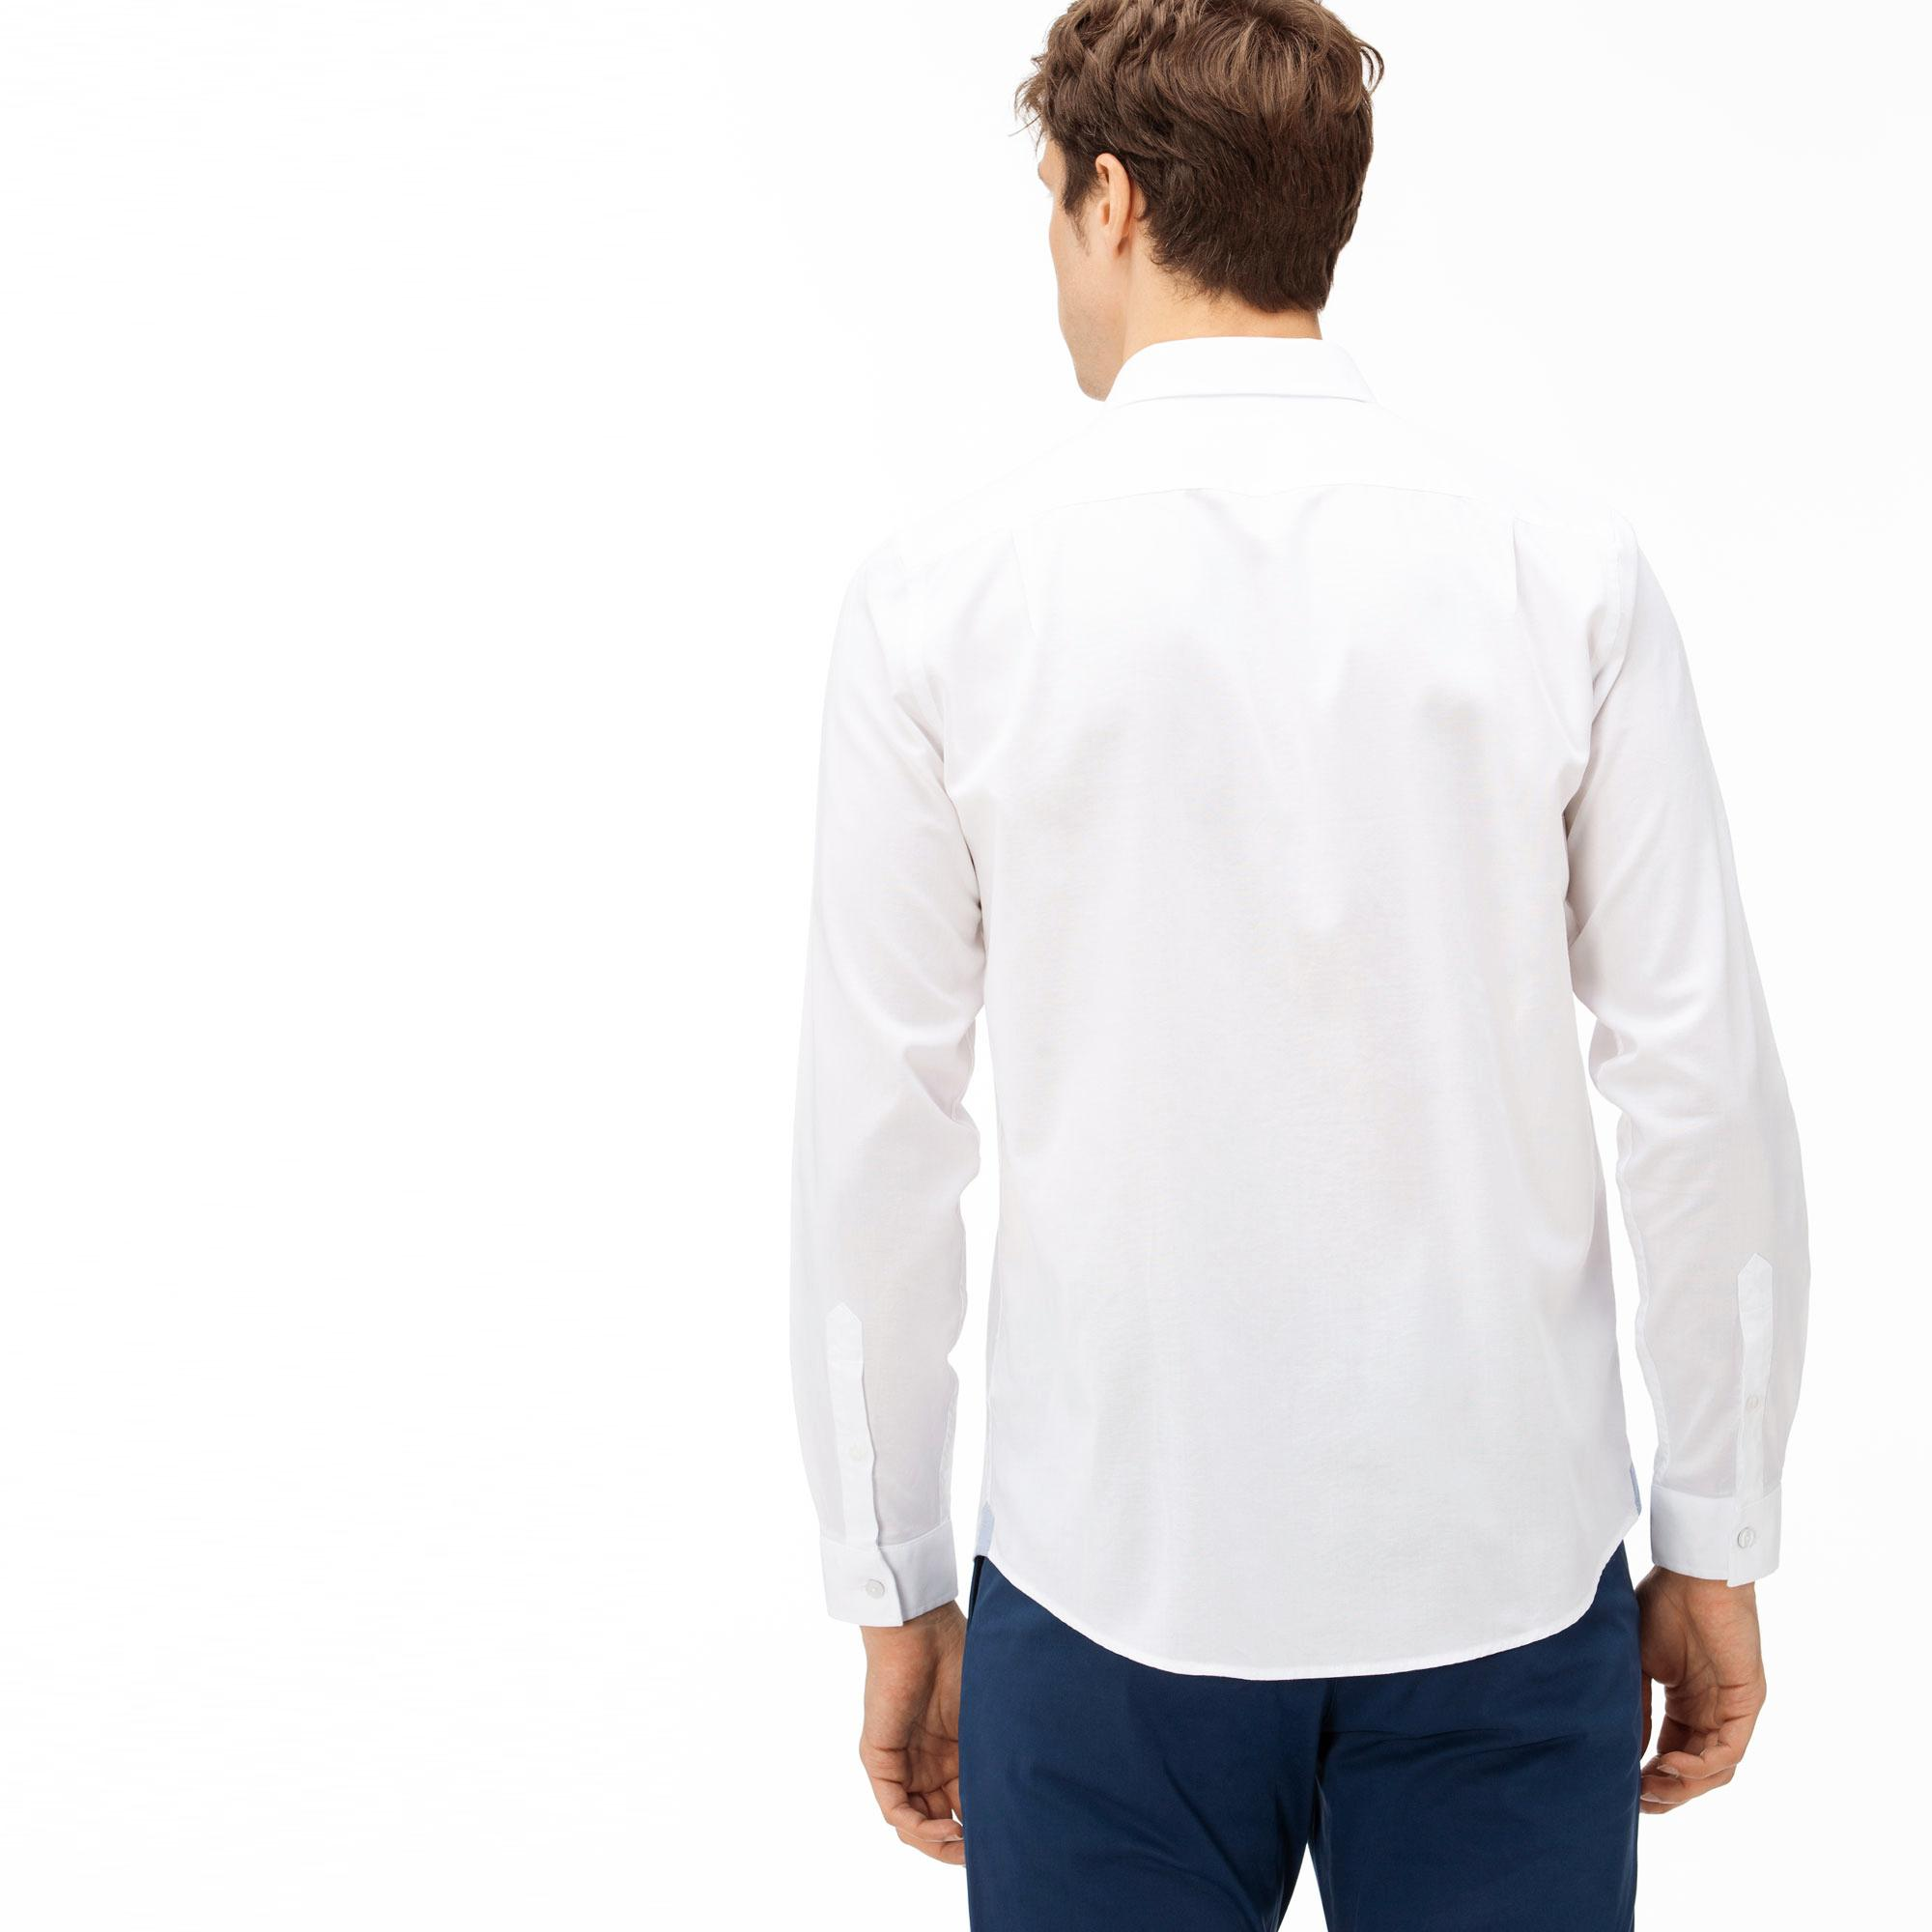 Męska Koszula Z Bawełny Oxford Regular Fit Lacoste